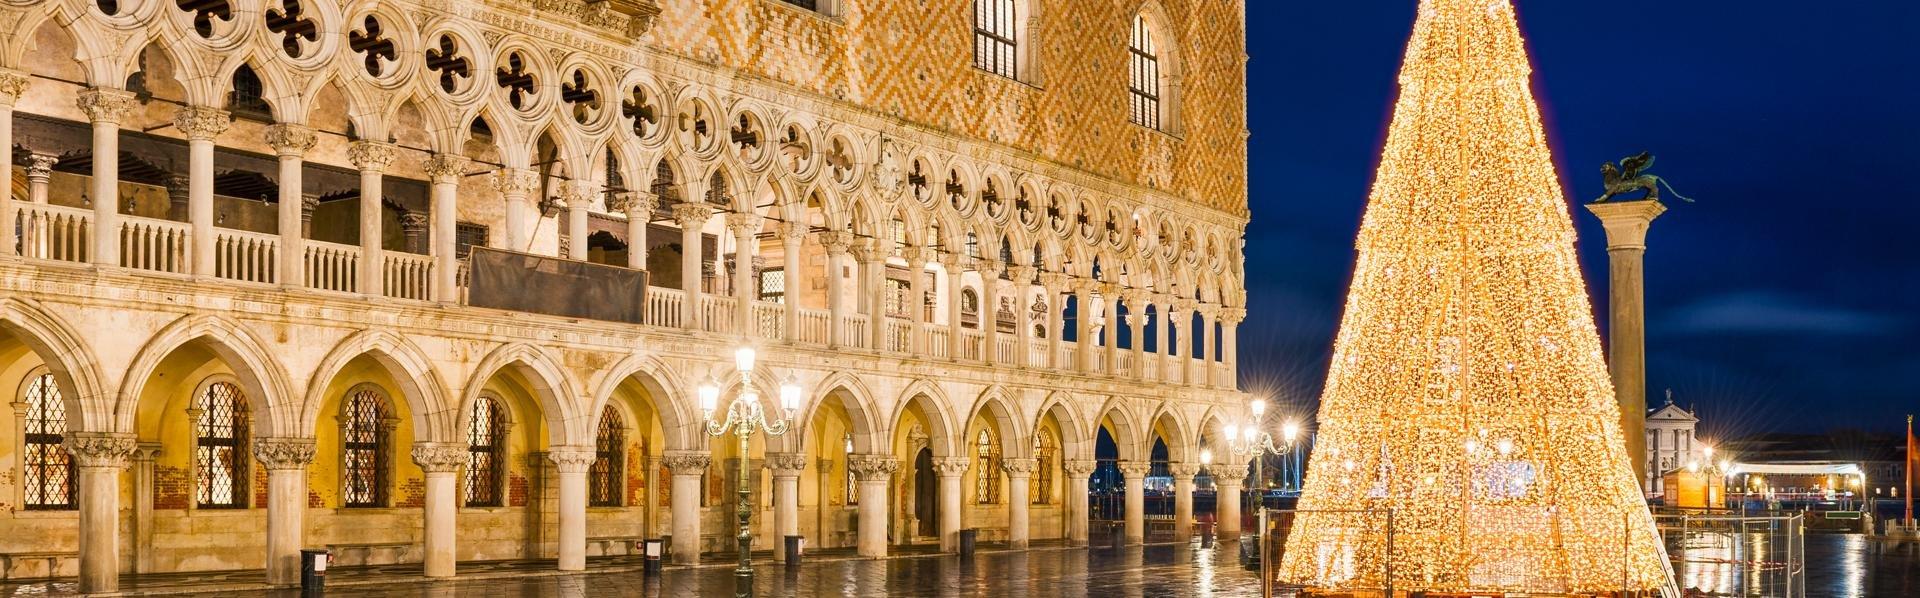 Piazza San Marco in Venetië, Italië tijdens kerst